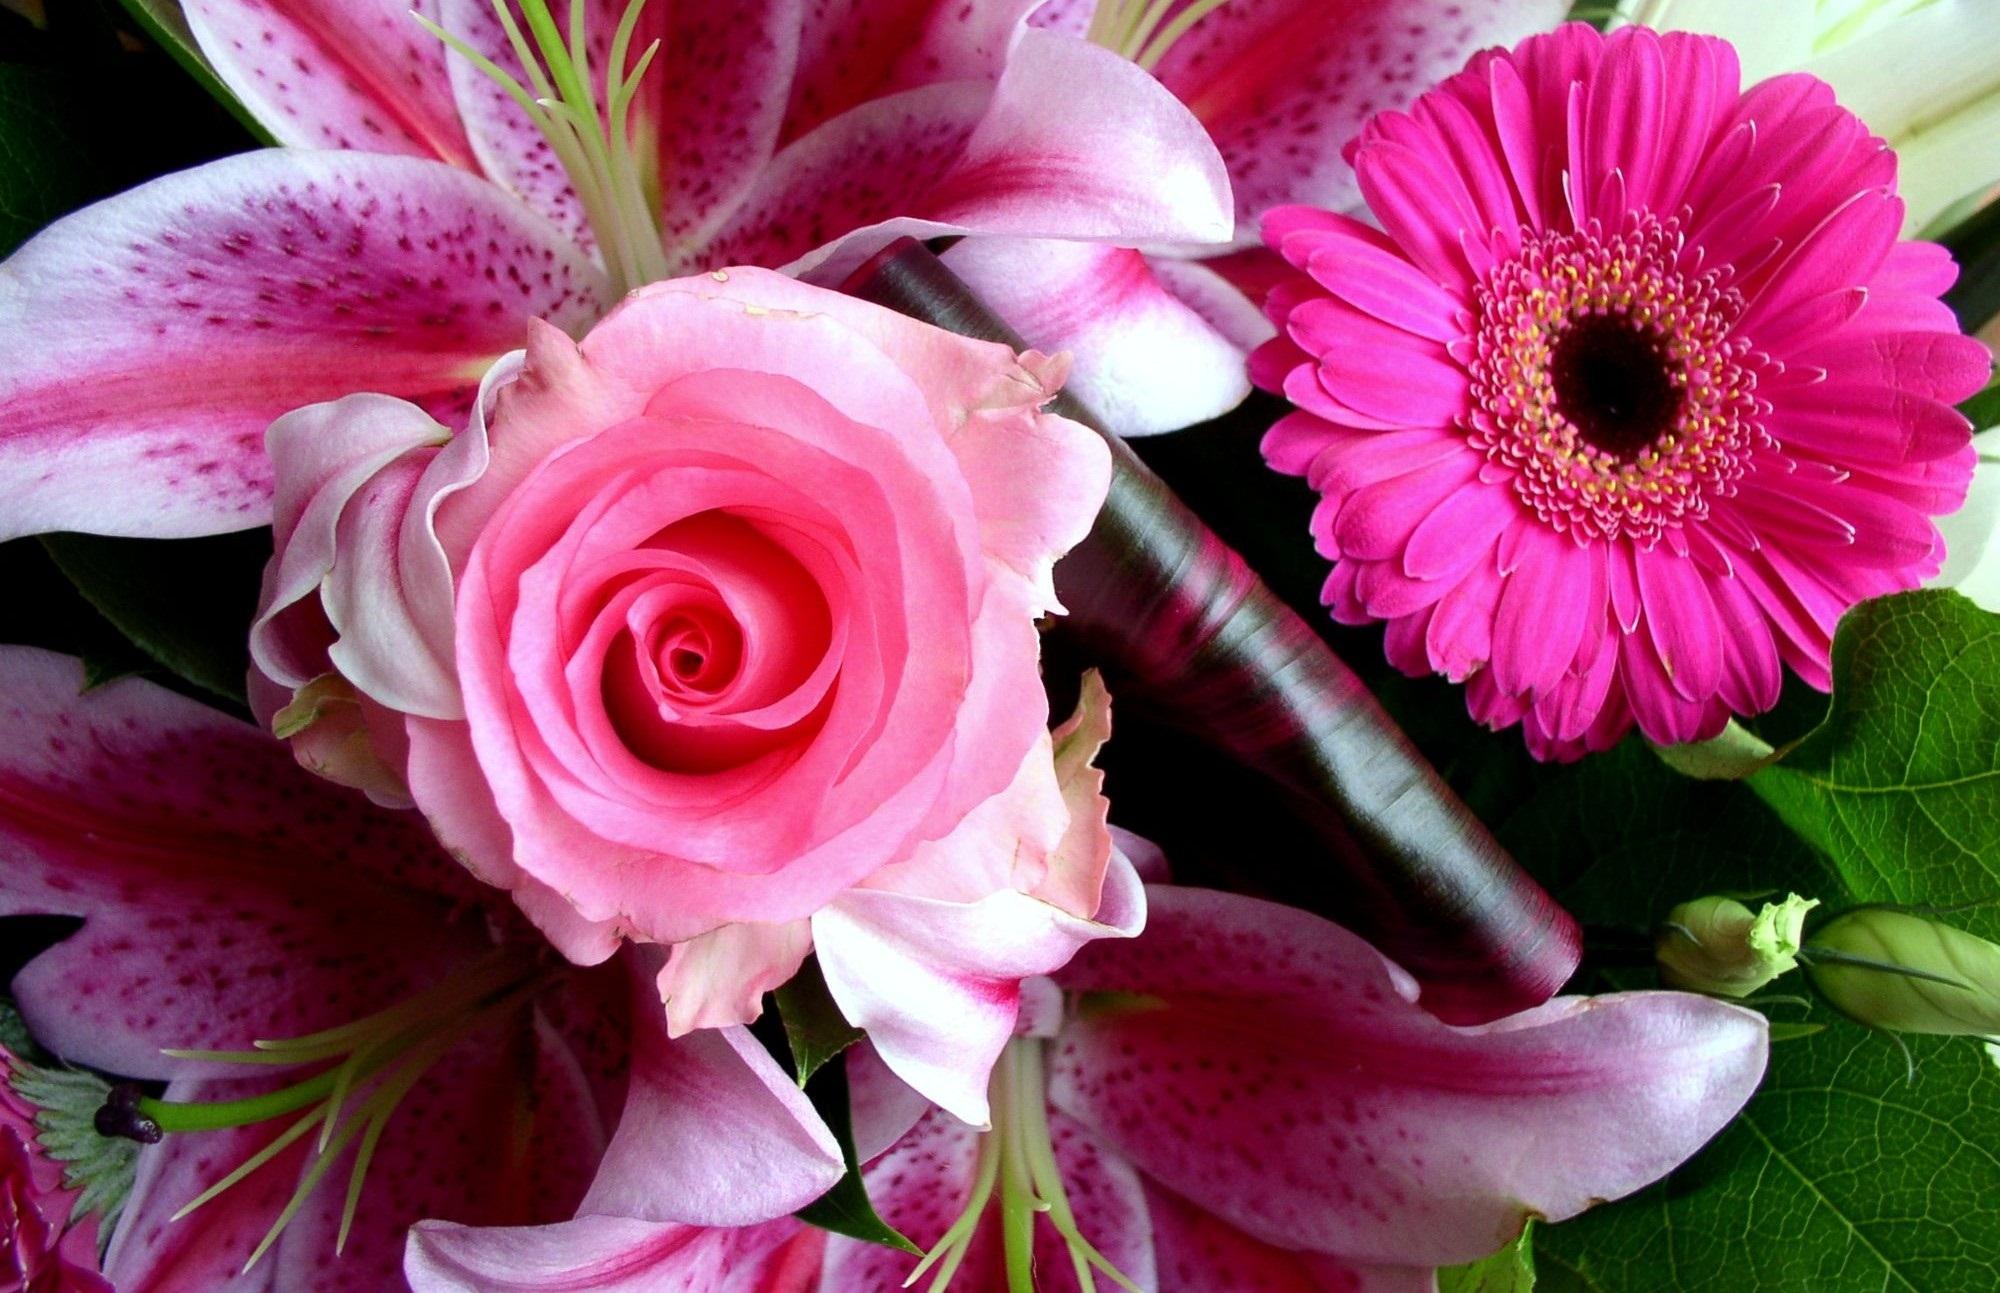 Hd Wallpaper Beautiful Flower Pictures A7 Hd Desktop Wallpapers 4k Hd